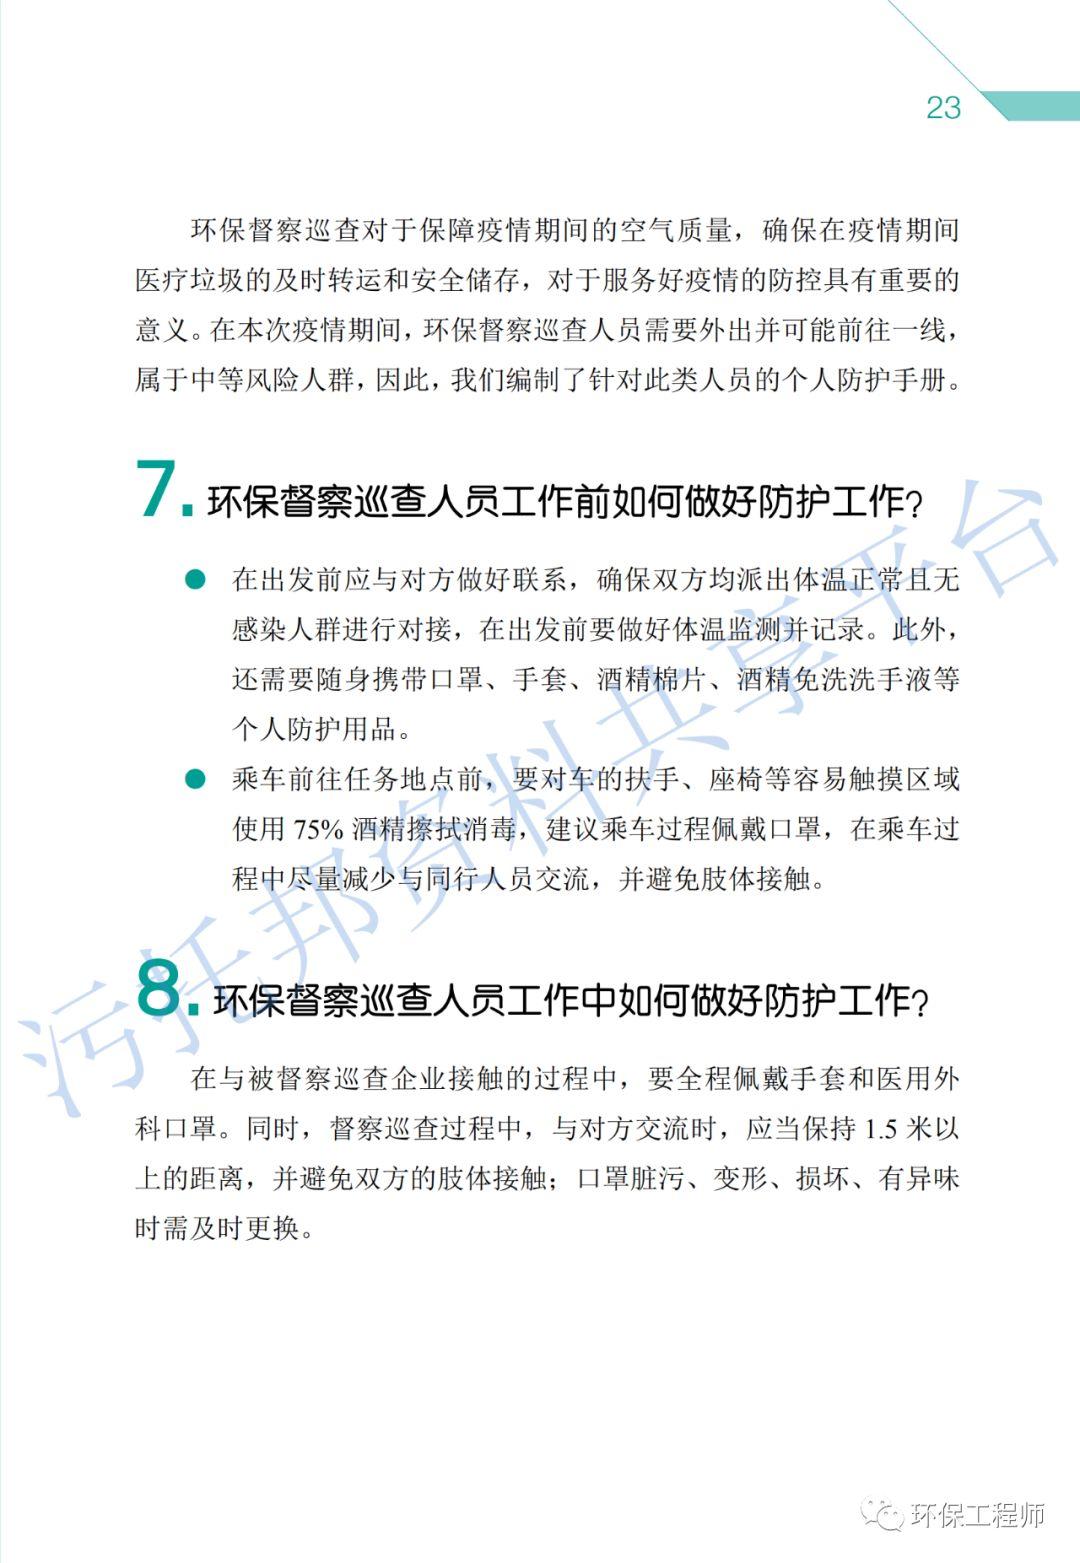 《环保从业人员新型冠状病毒疫情防护手册》_11